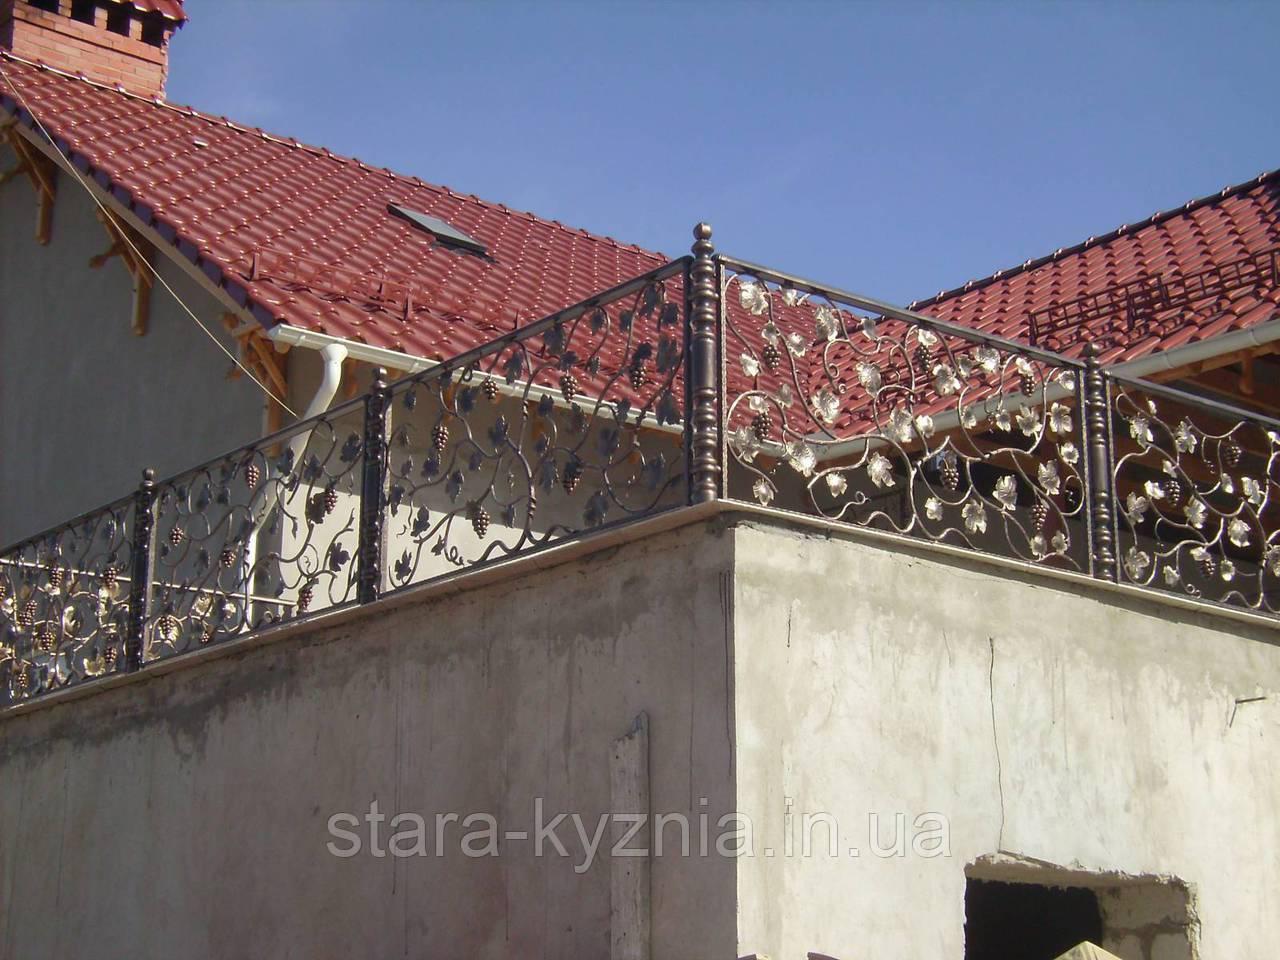 Кованый балкон (Веноград) - Старая кузня в Полтавской области